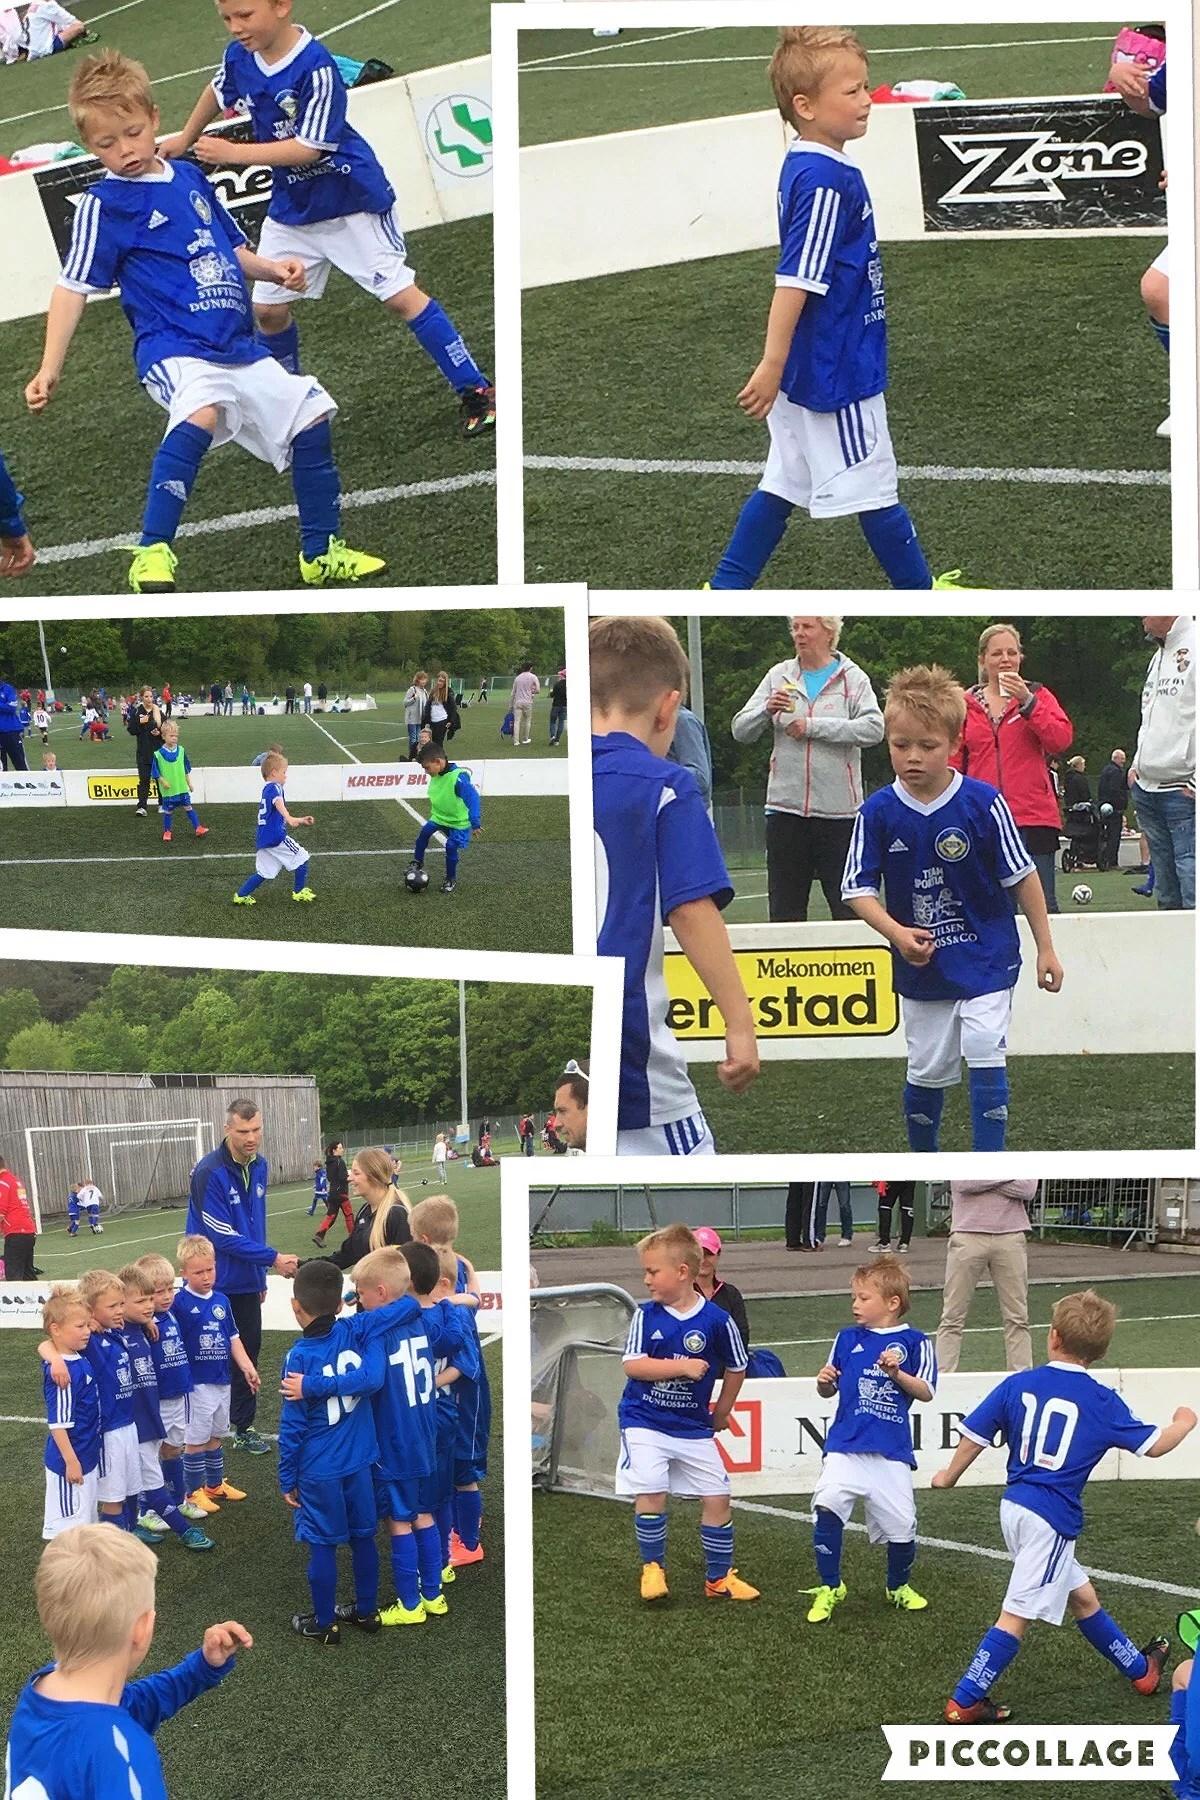 Fotboll för hela slanten!